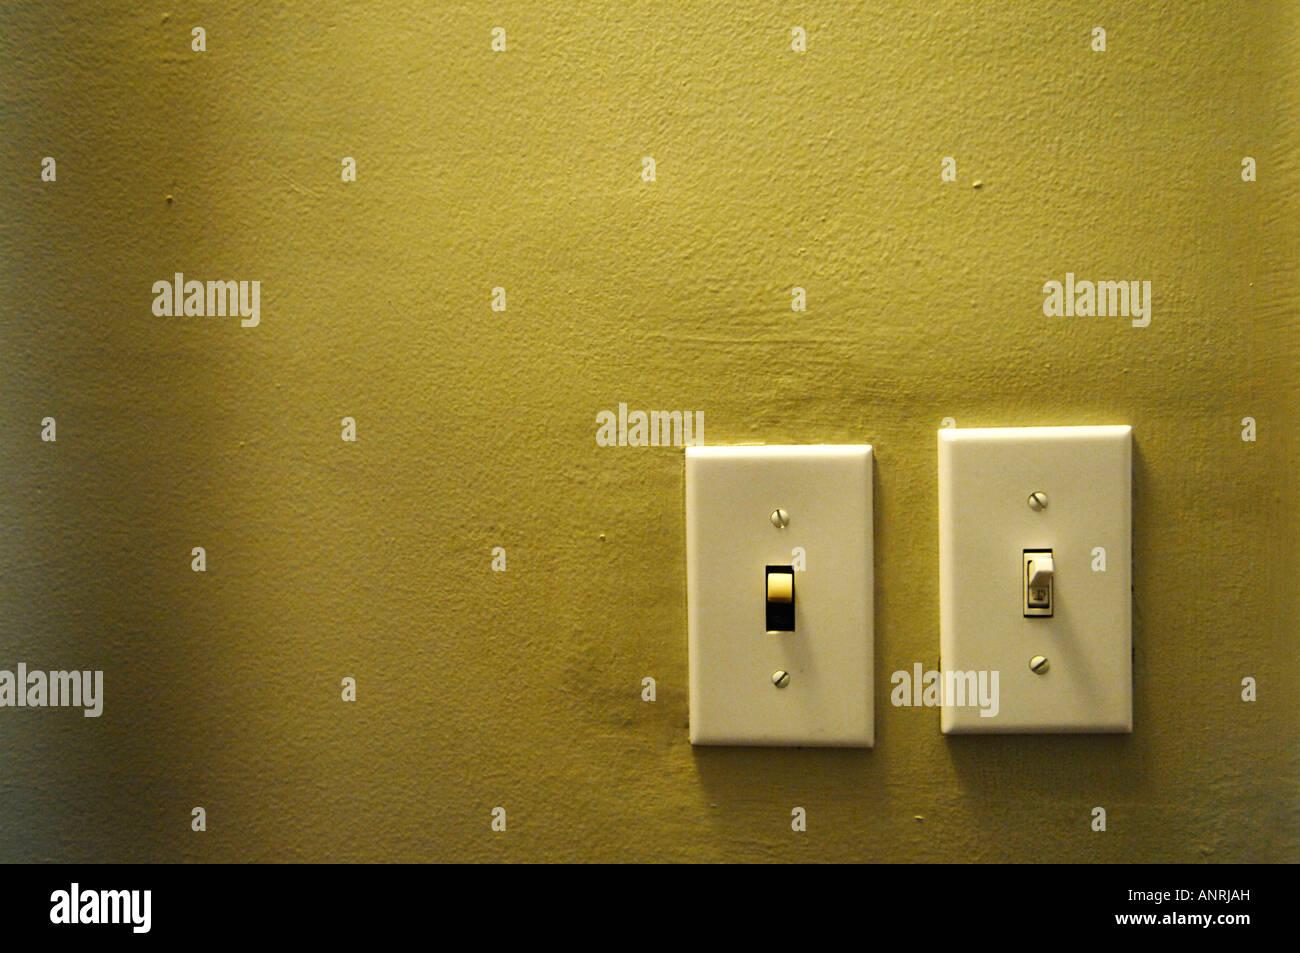 Zwei Lichtschalter auf gelbe Wand Stockfoto, Bild: 15588952 - Alamy